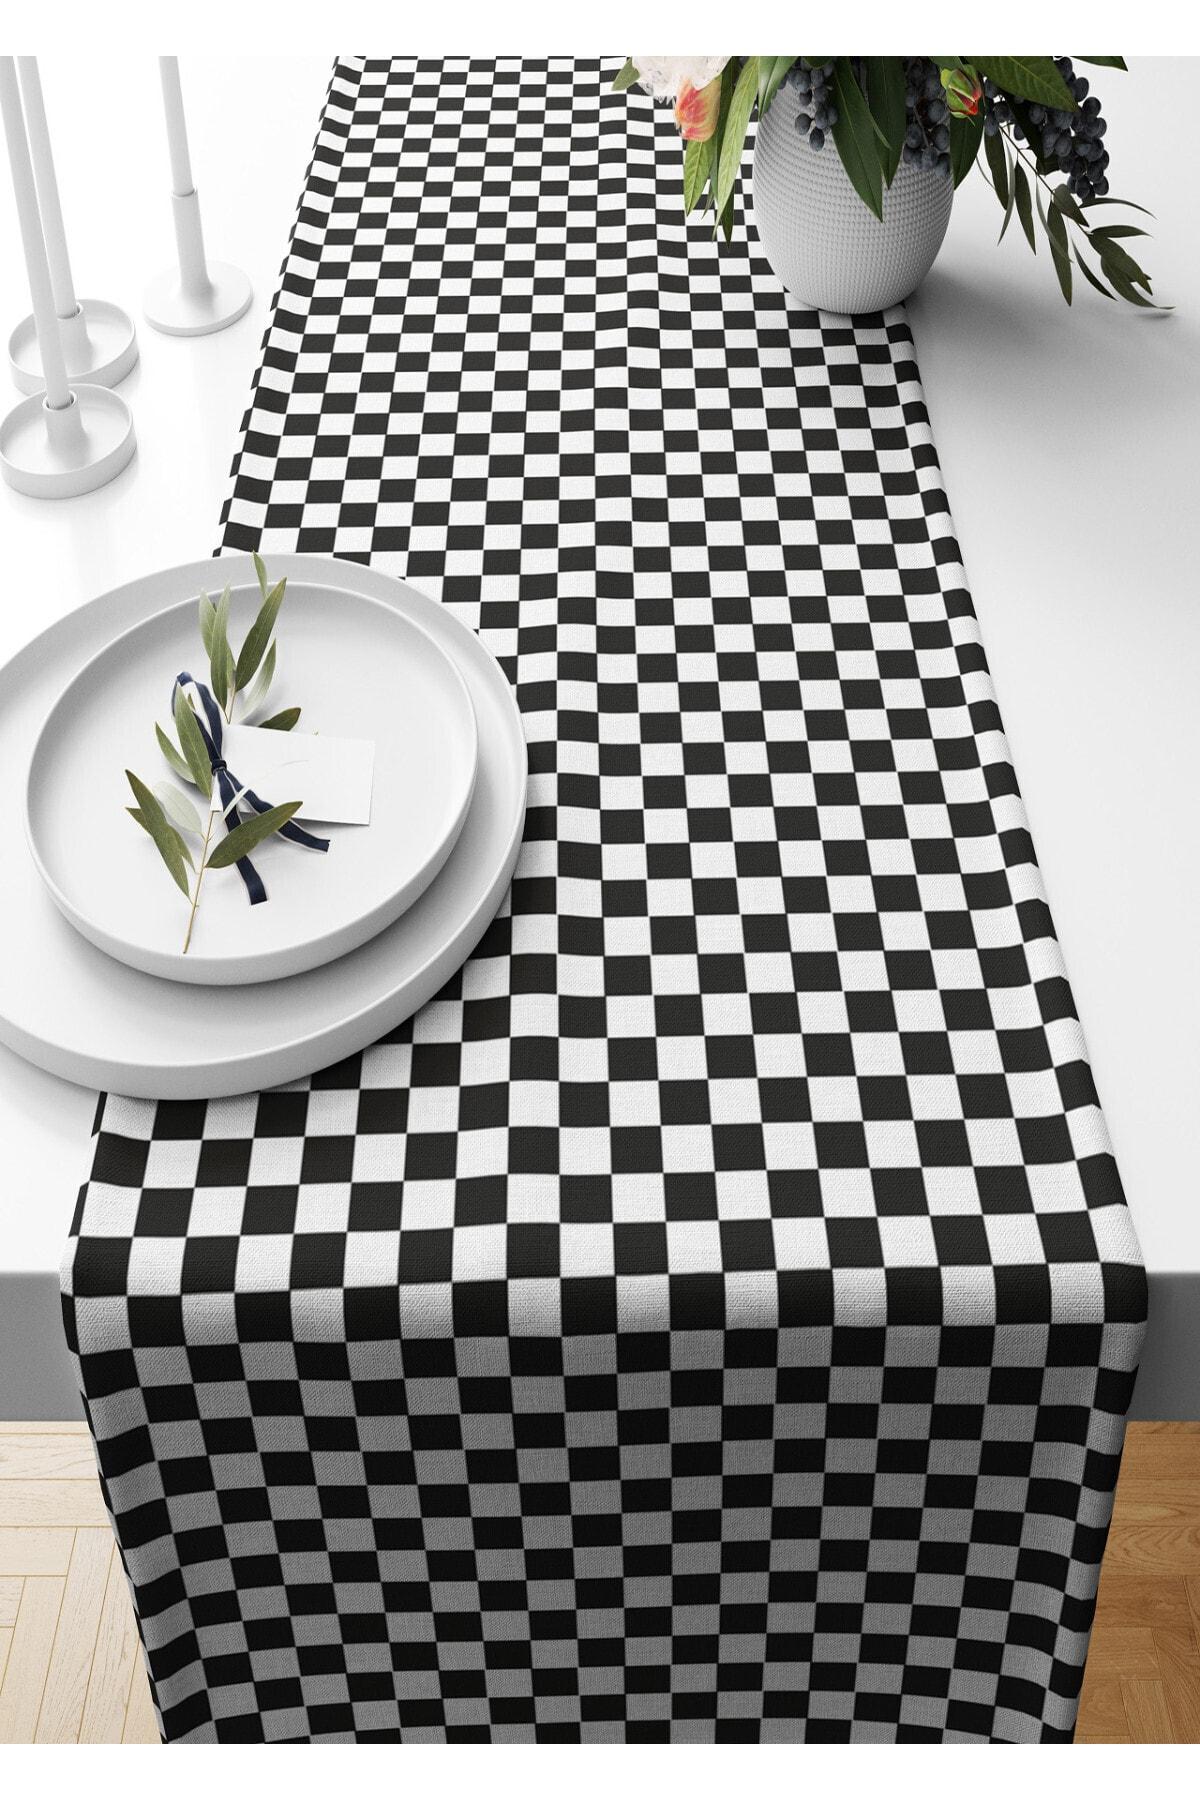 قماش من جلد الغزال منقوش على شكل الشطرنج مقاس 140*40 سم